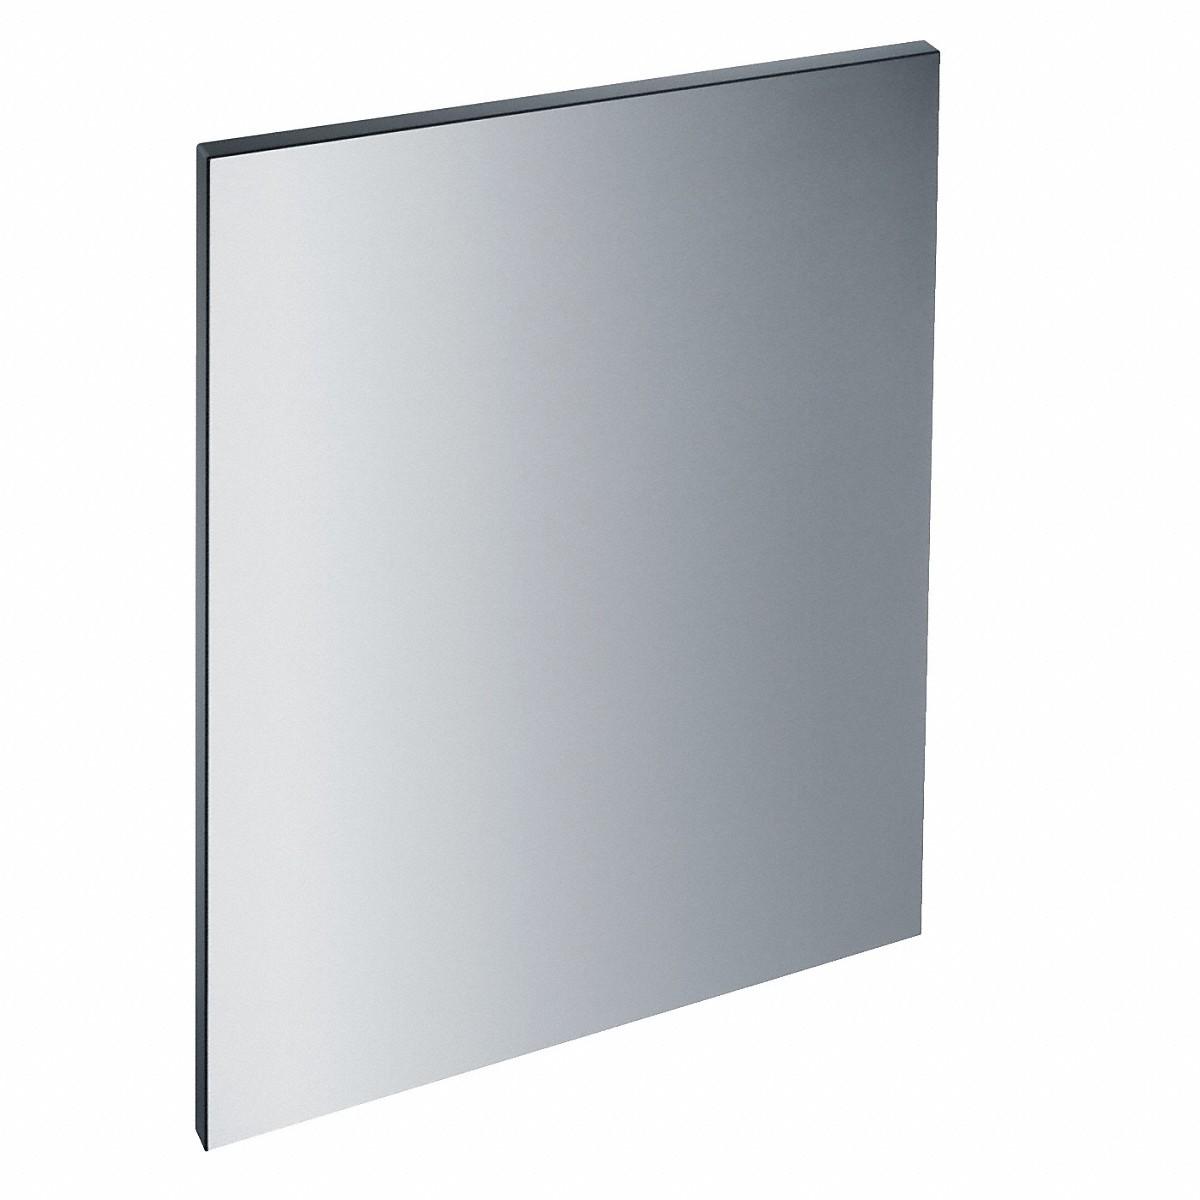 Miele gfvi 603 72 1 rivestimento frontale vi lxa 60x72 cm - Mobile per lavastoviglie da incasso ...